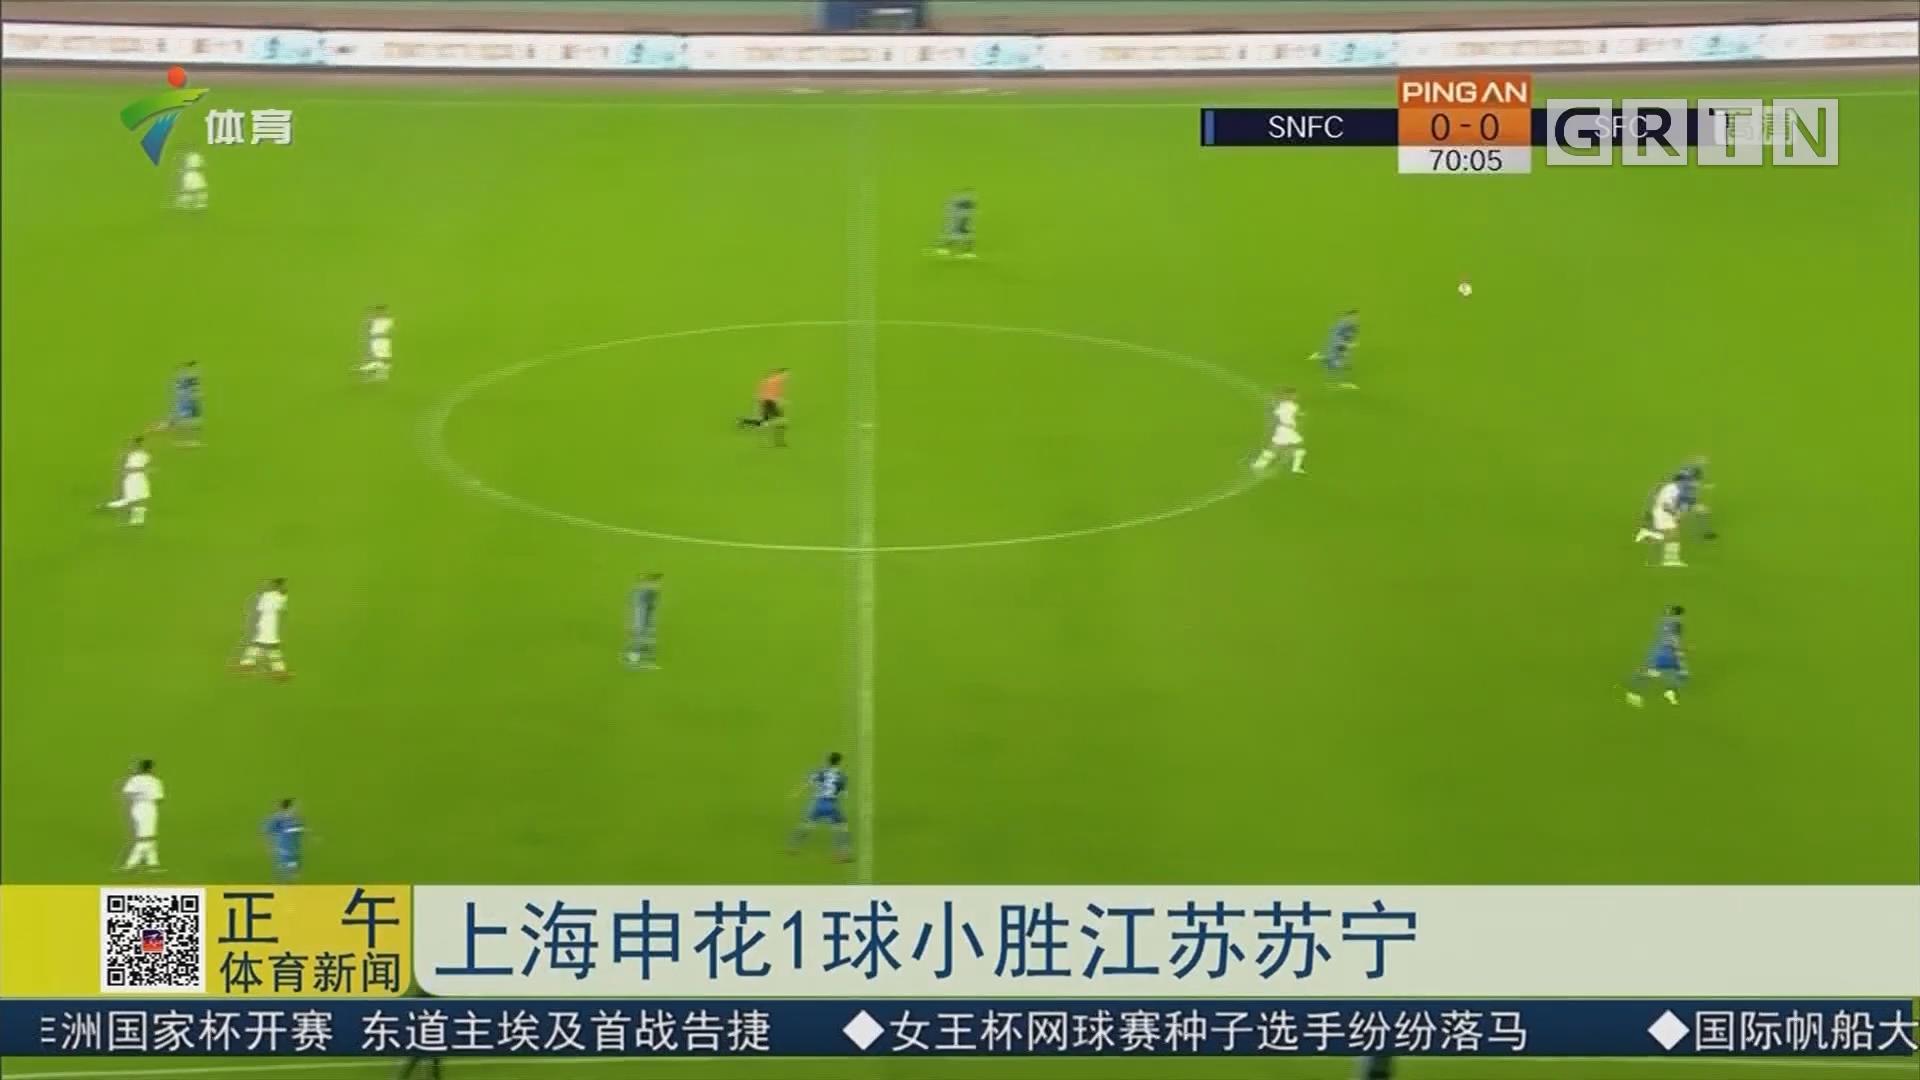 上海申花1球小胜江苏苏宁